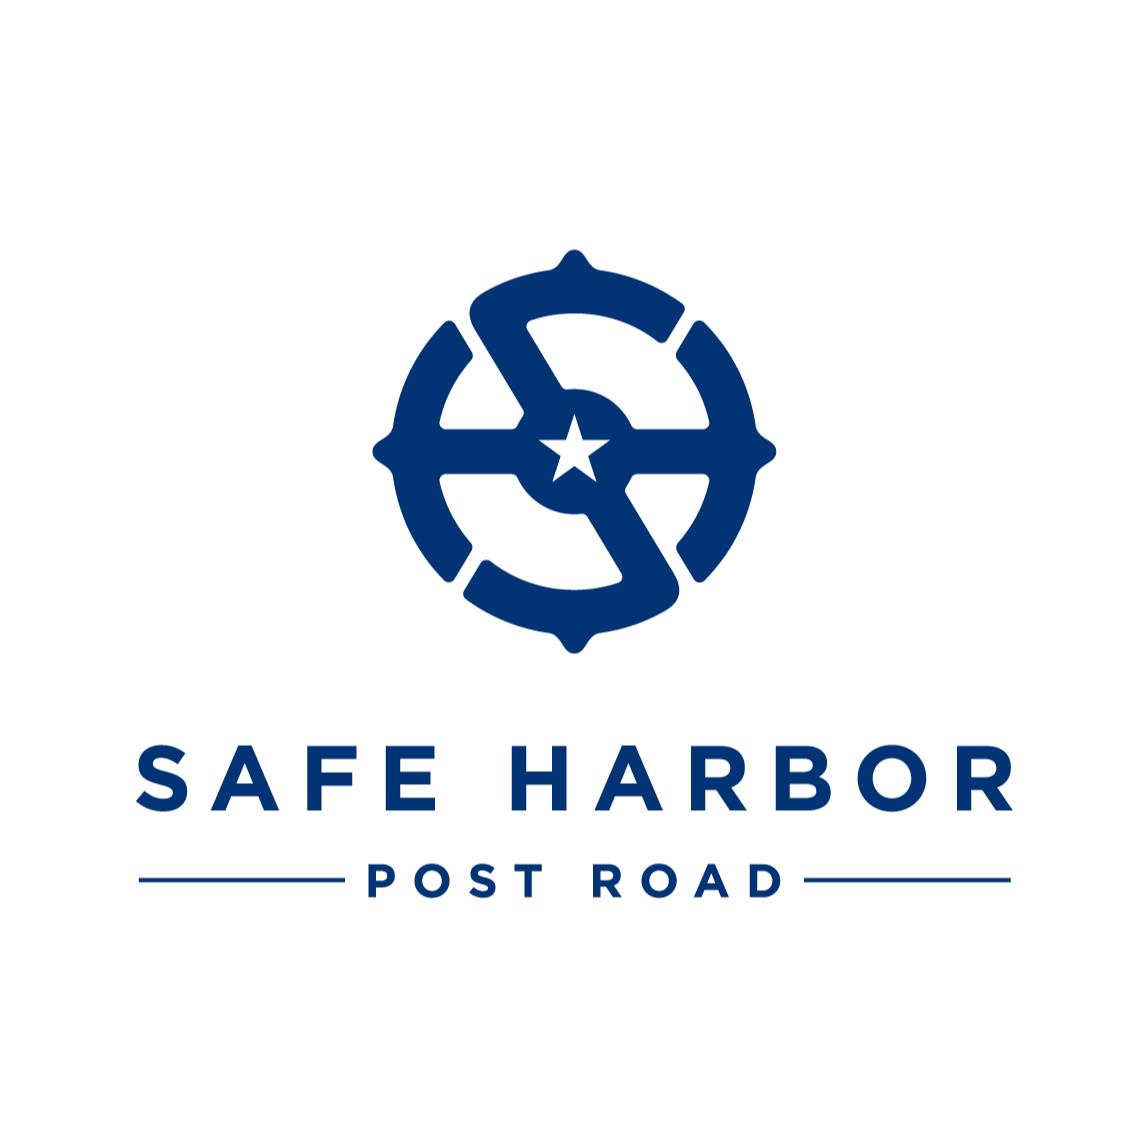 Safe Harbor Post Road